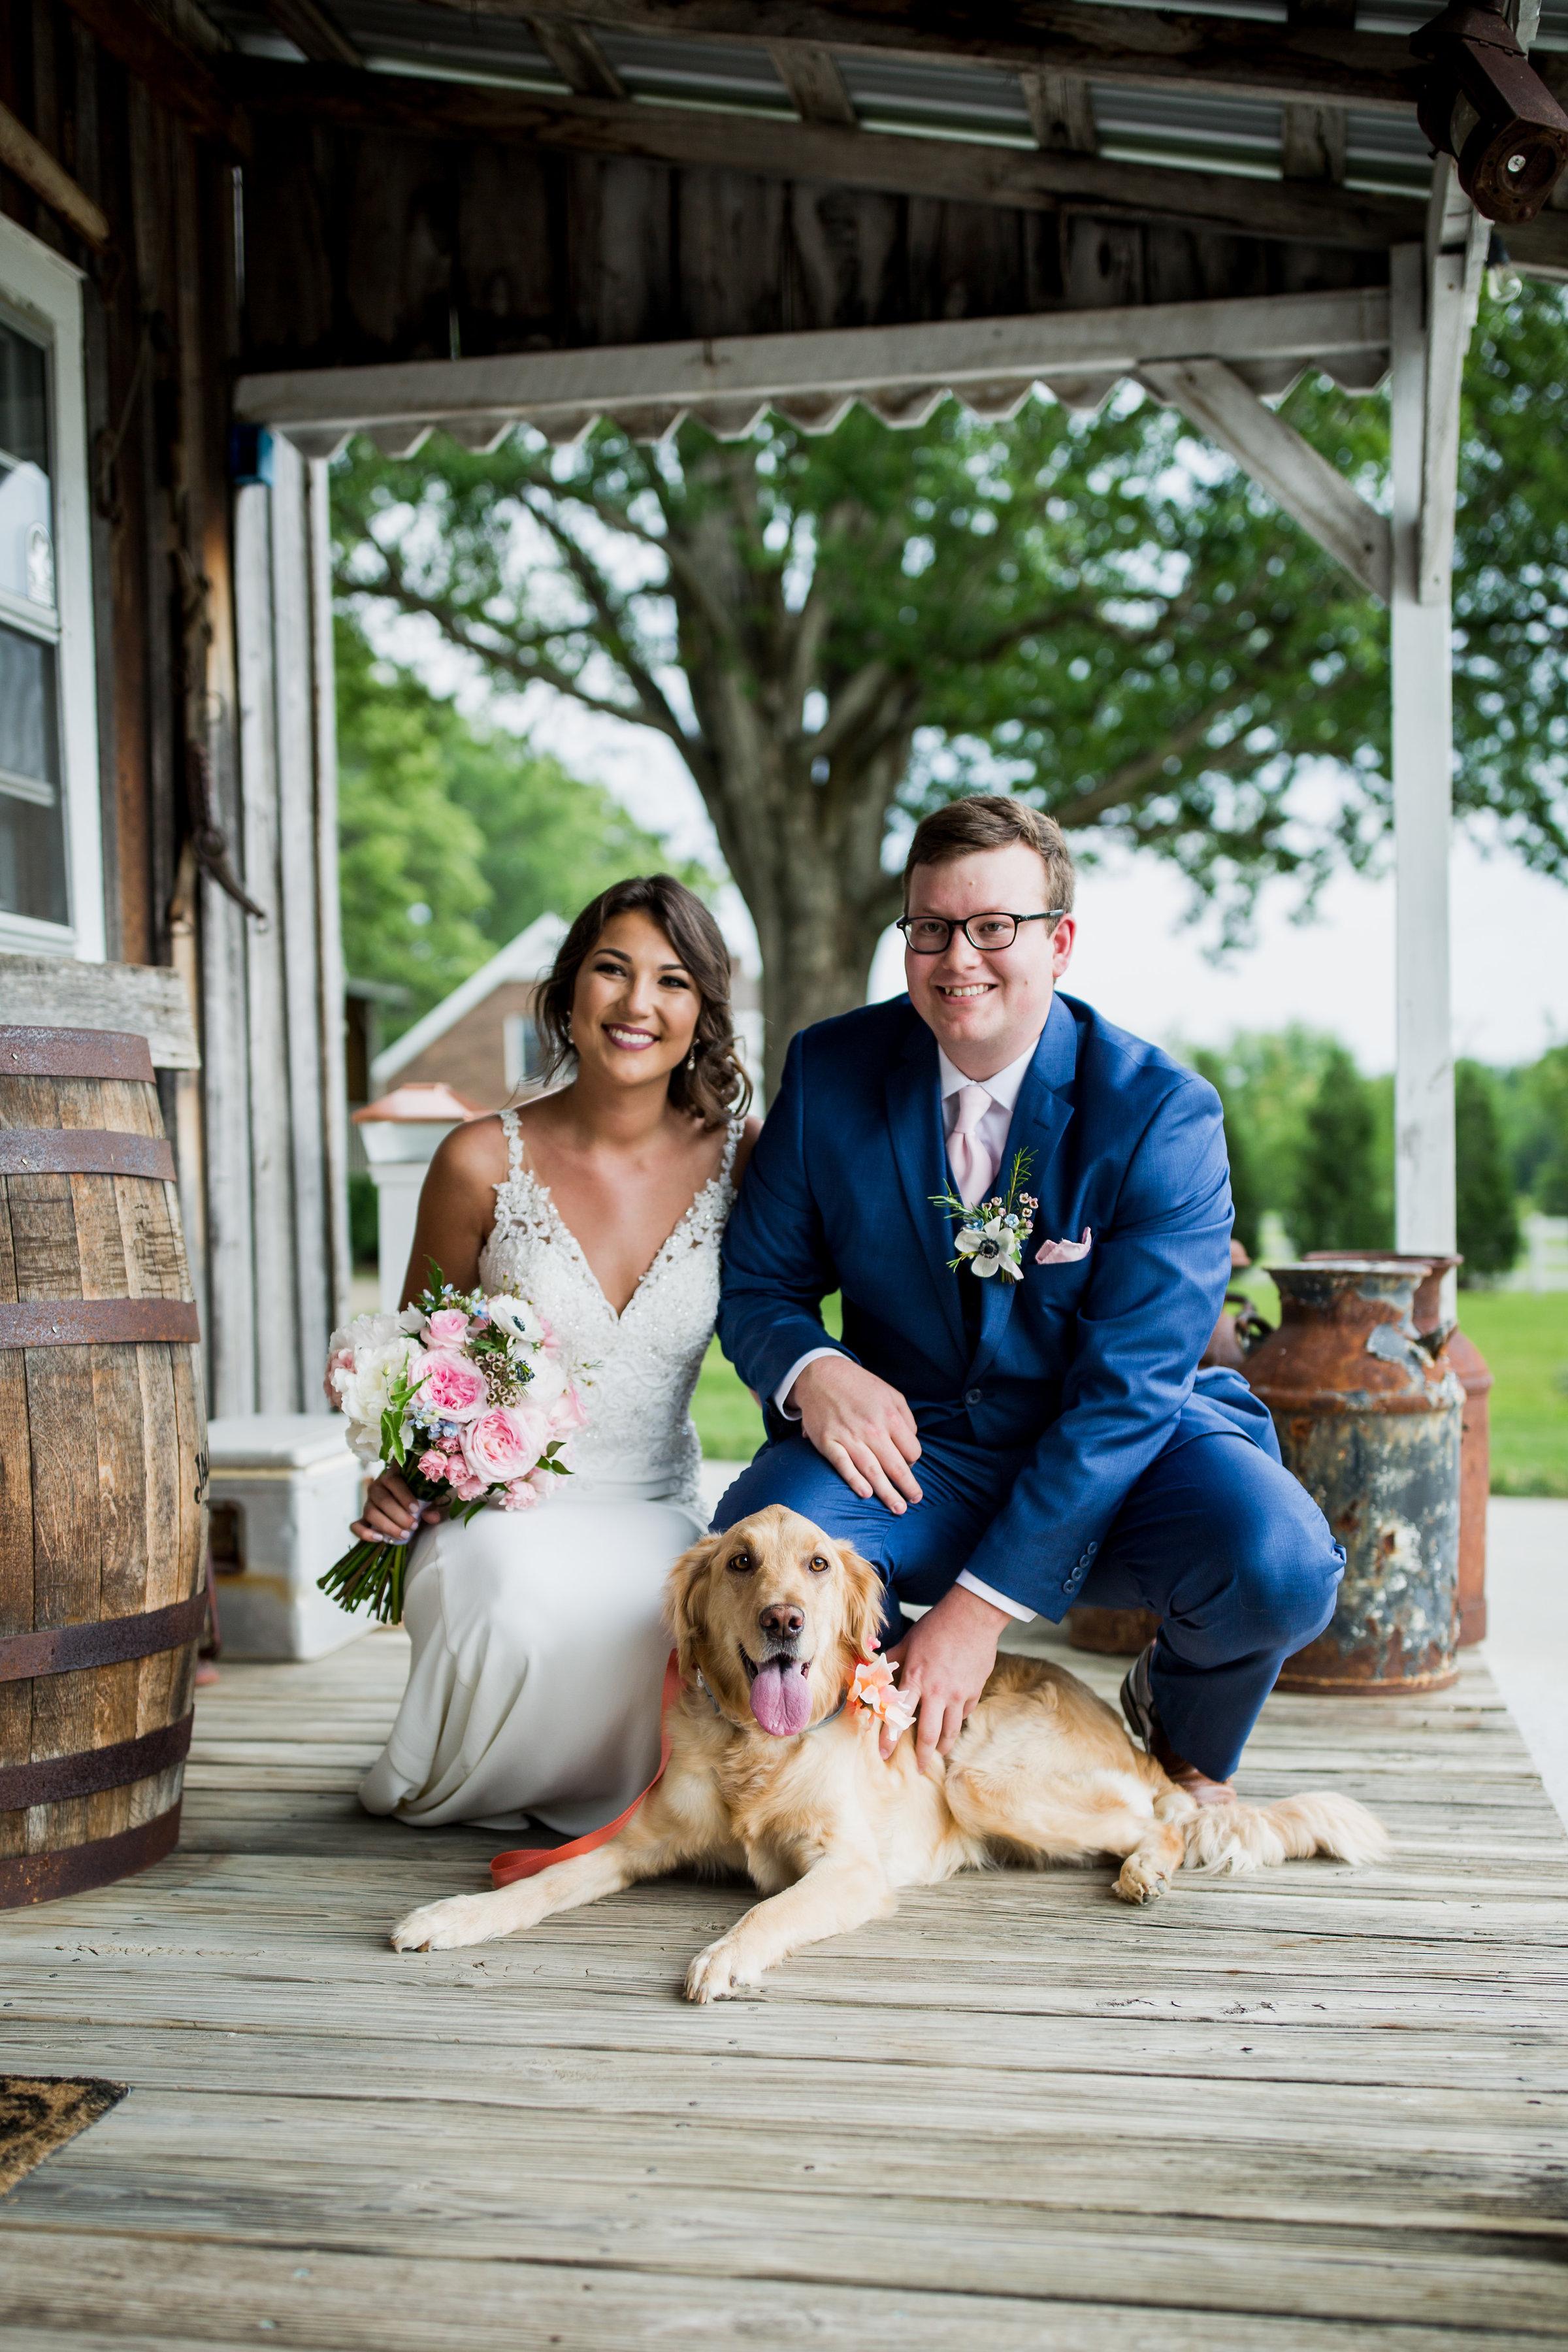 Saddlewood-Farms-Nashville-Wedding-Photographers-205.jpg